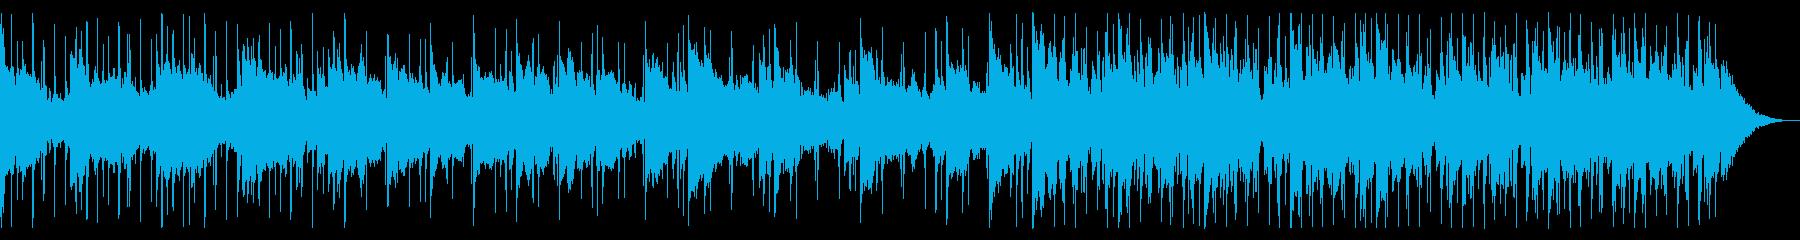 夏を感じる涼しいポップス_2の再生済みの波形